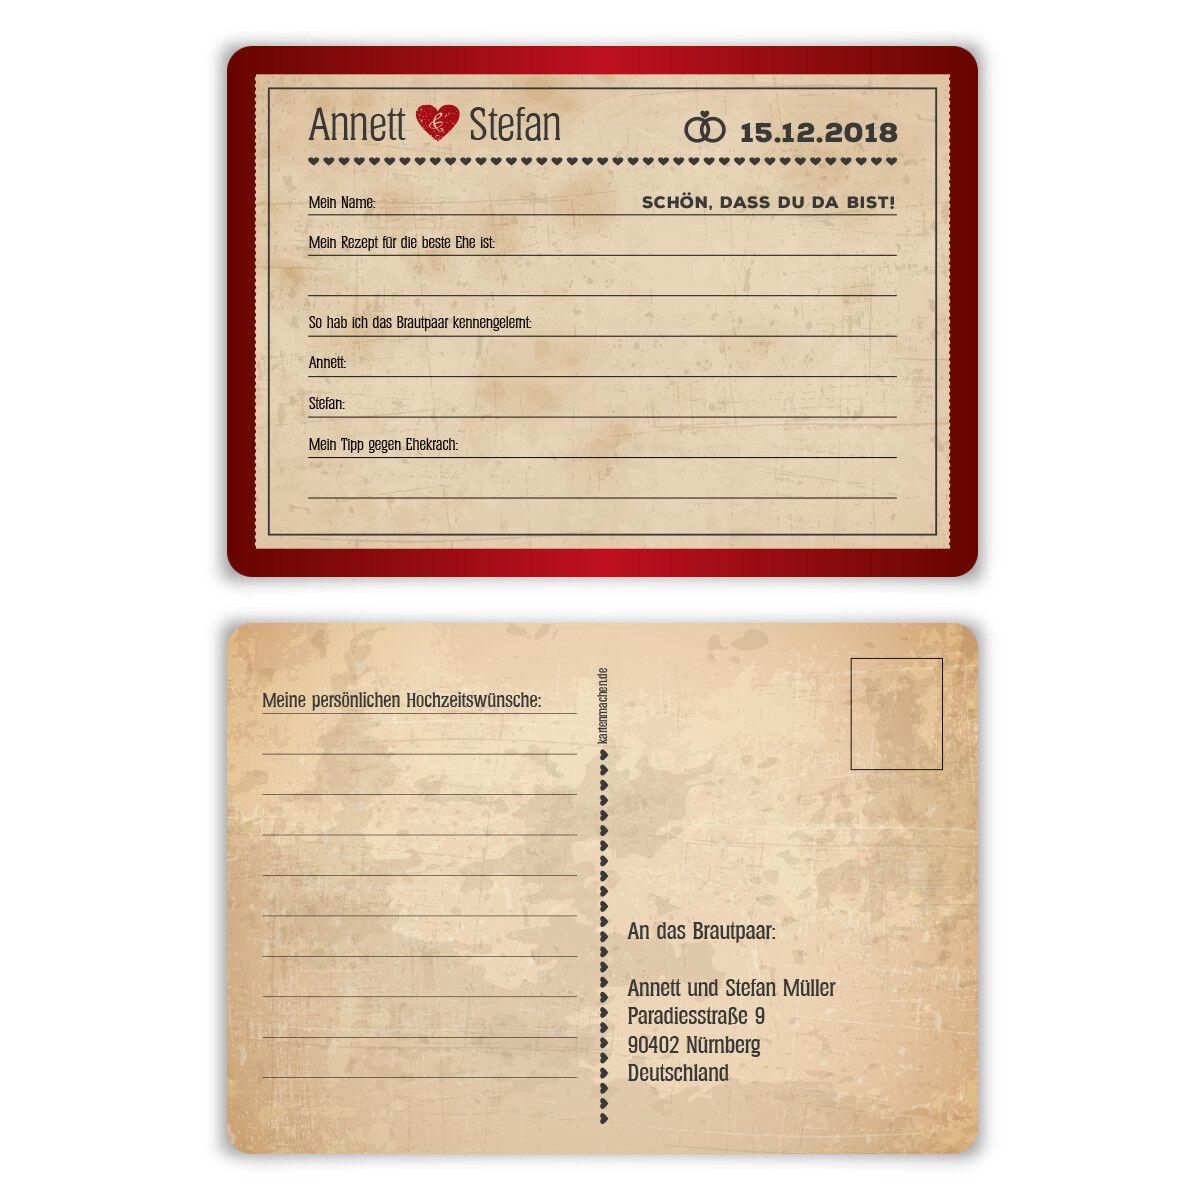 Hochzeitsspiel Fragerunde Postkarte Fragen Antworten - Vintage Herz in Rot | Modern Und Elegant In Der Mode  | Großhandel